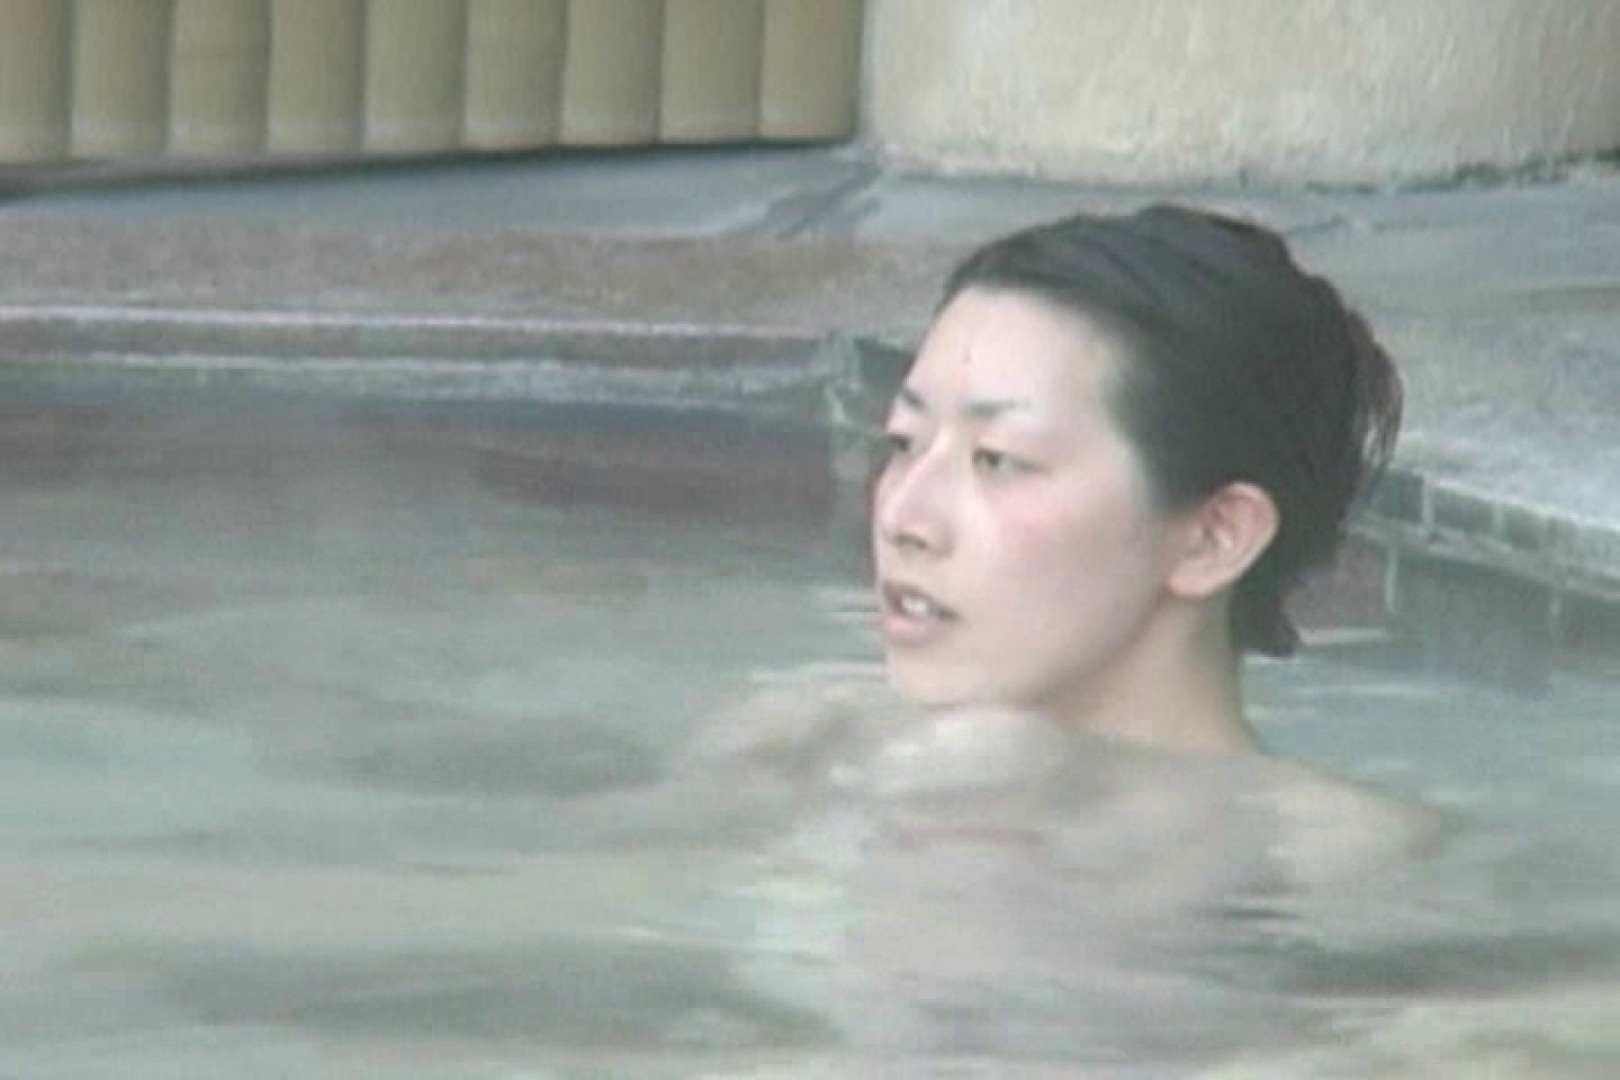 Aquaな露天風呂Vol.589 盗撮シリーズ  113PIX 2